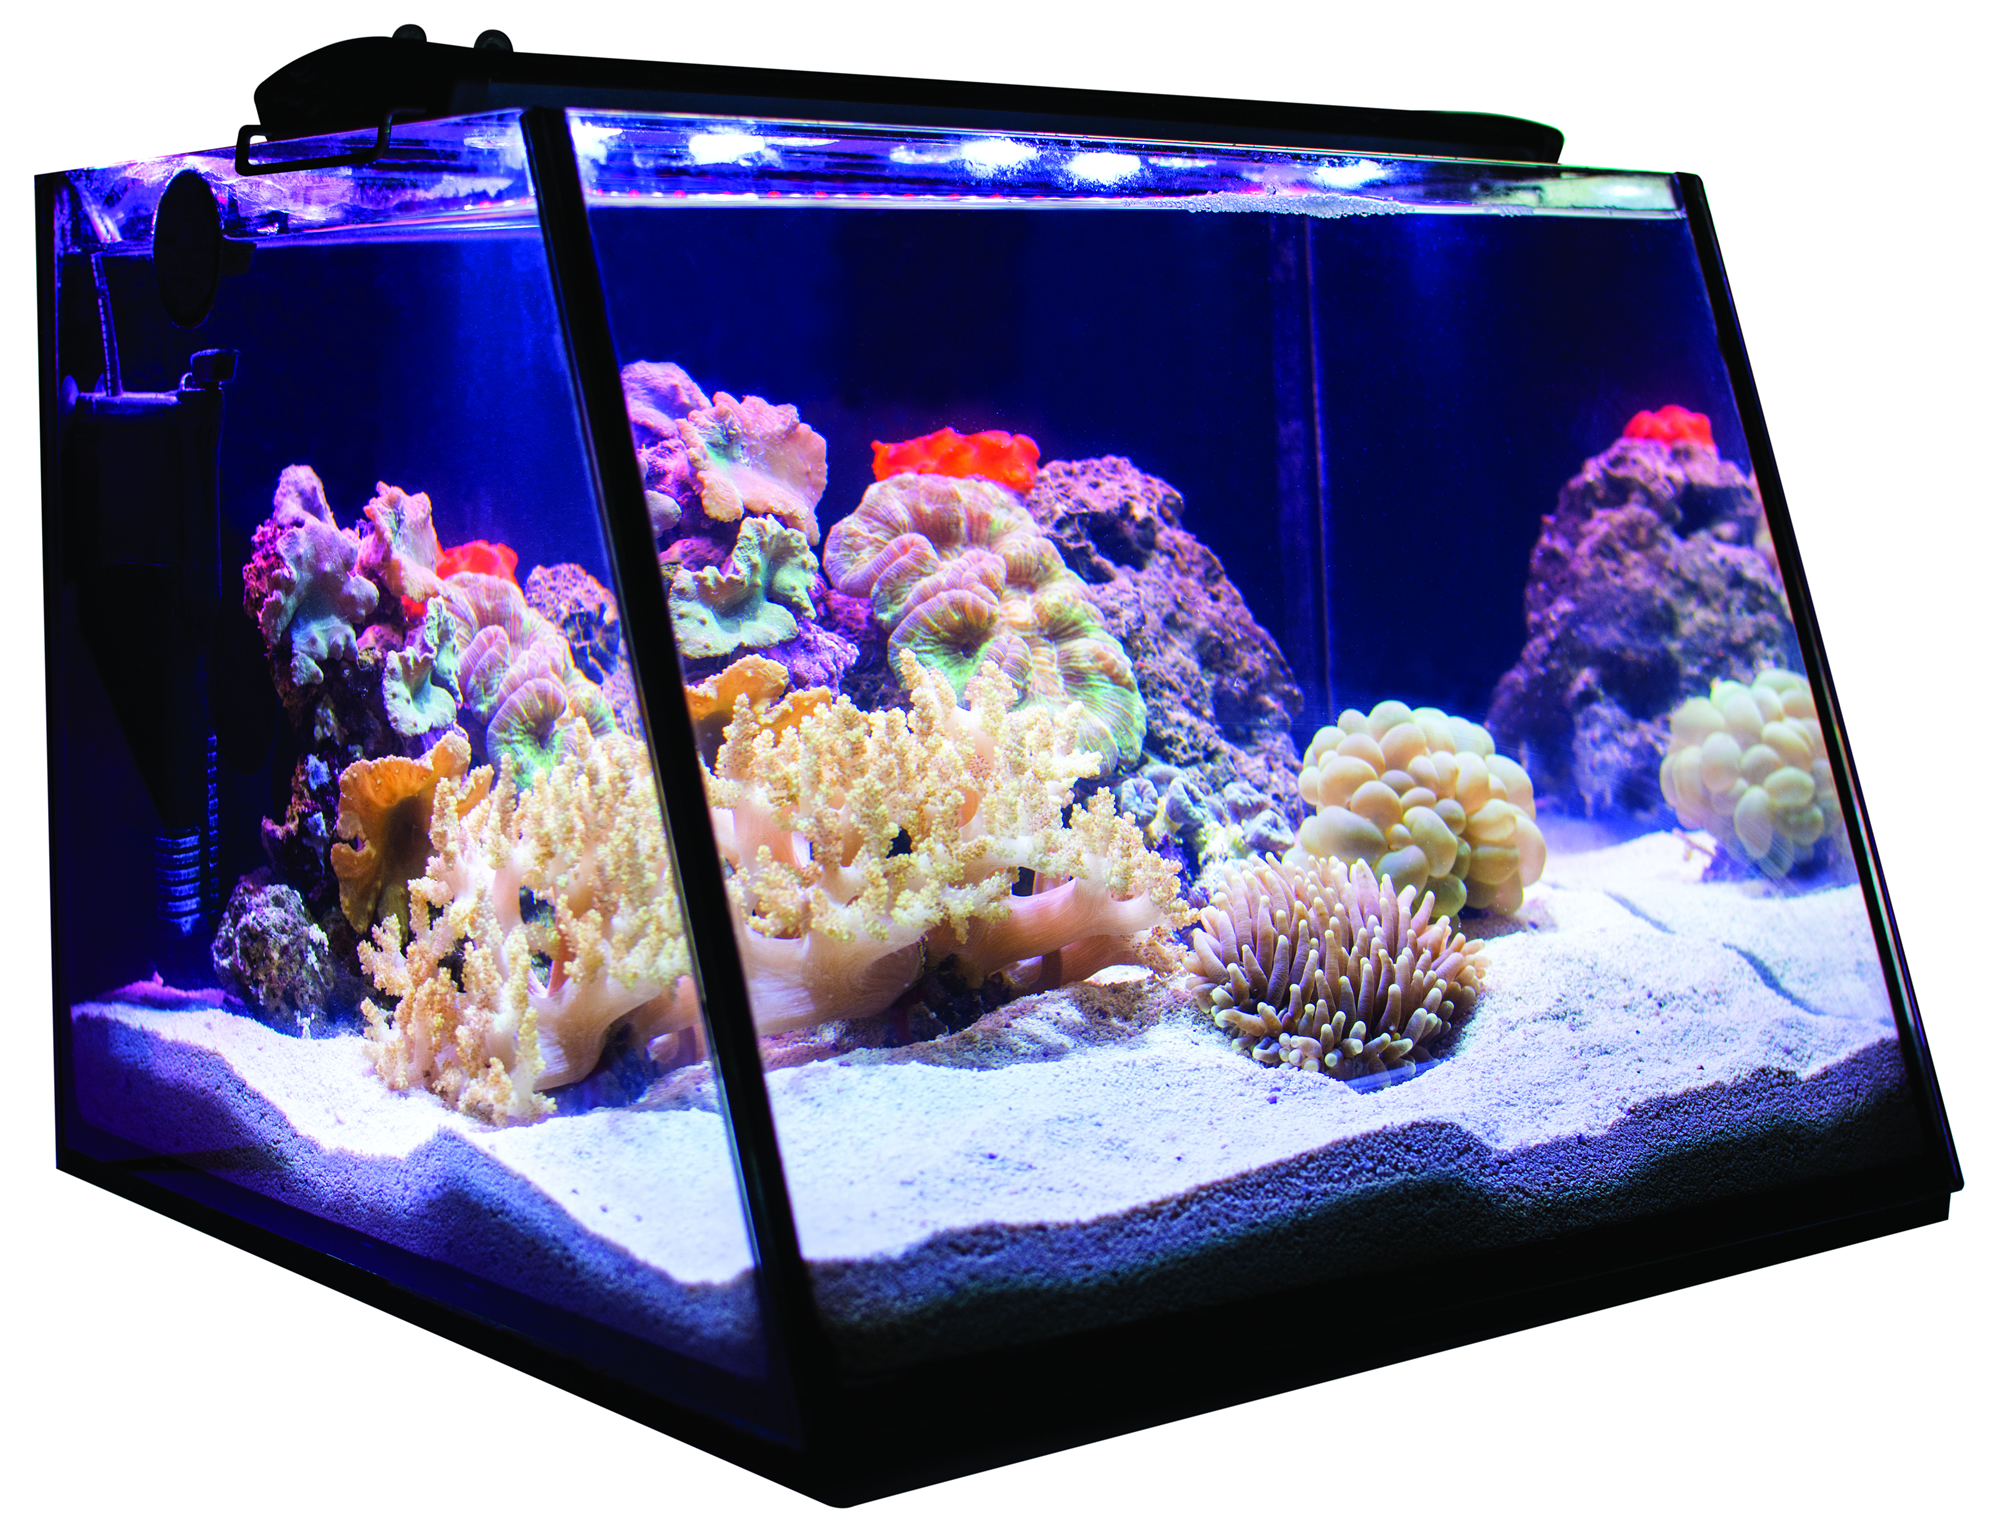 Plafoniere Per Nanoreef : Nanoreef archives danireef portale dedicato all acquario